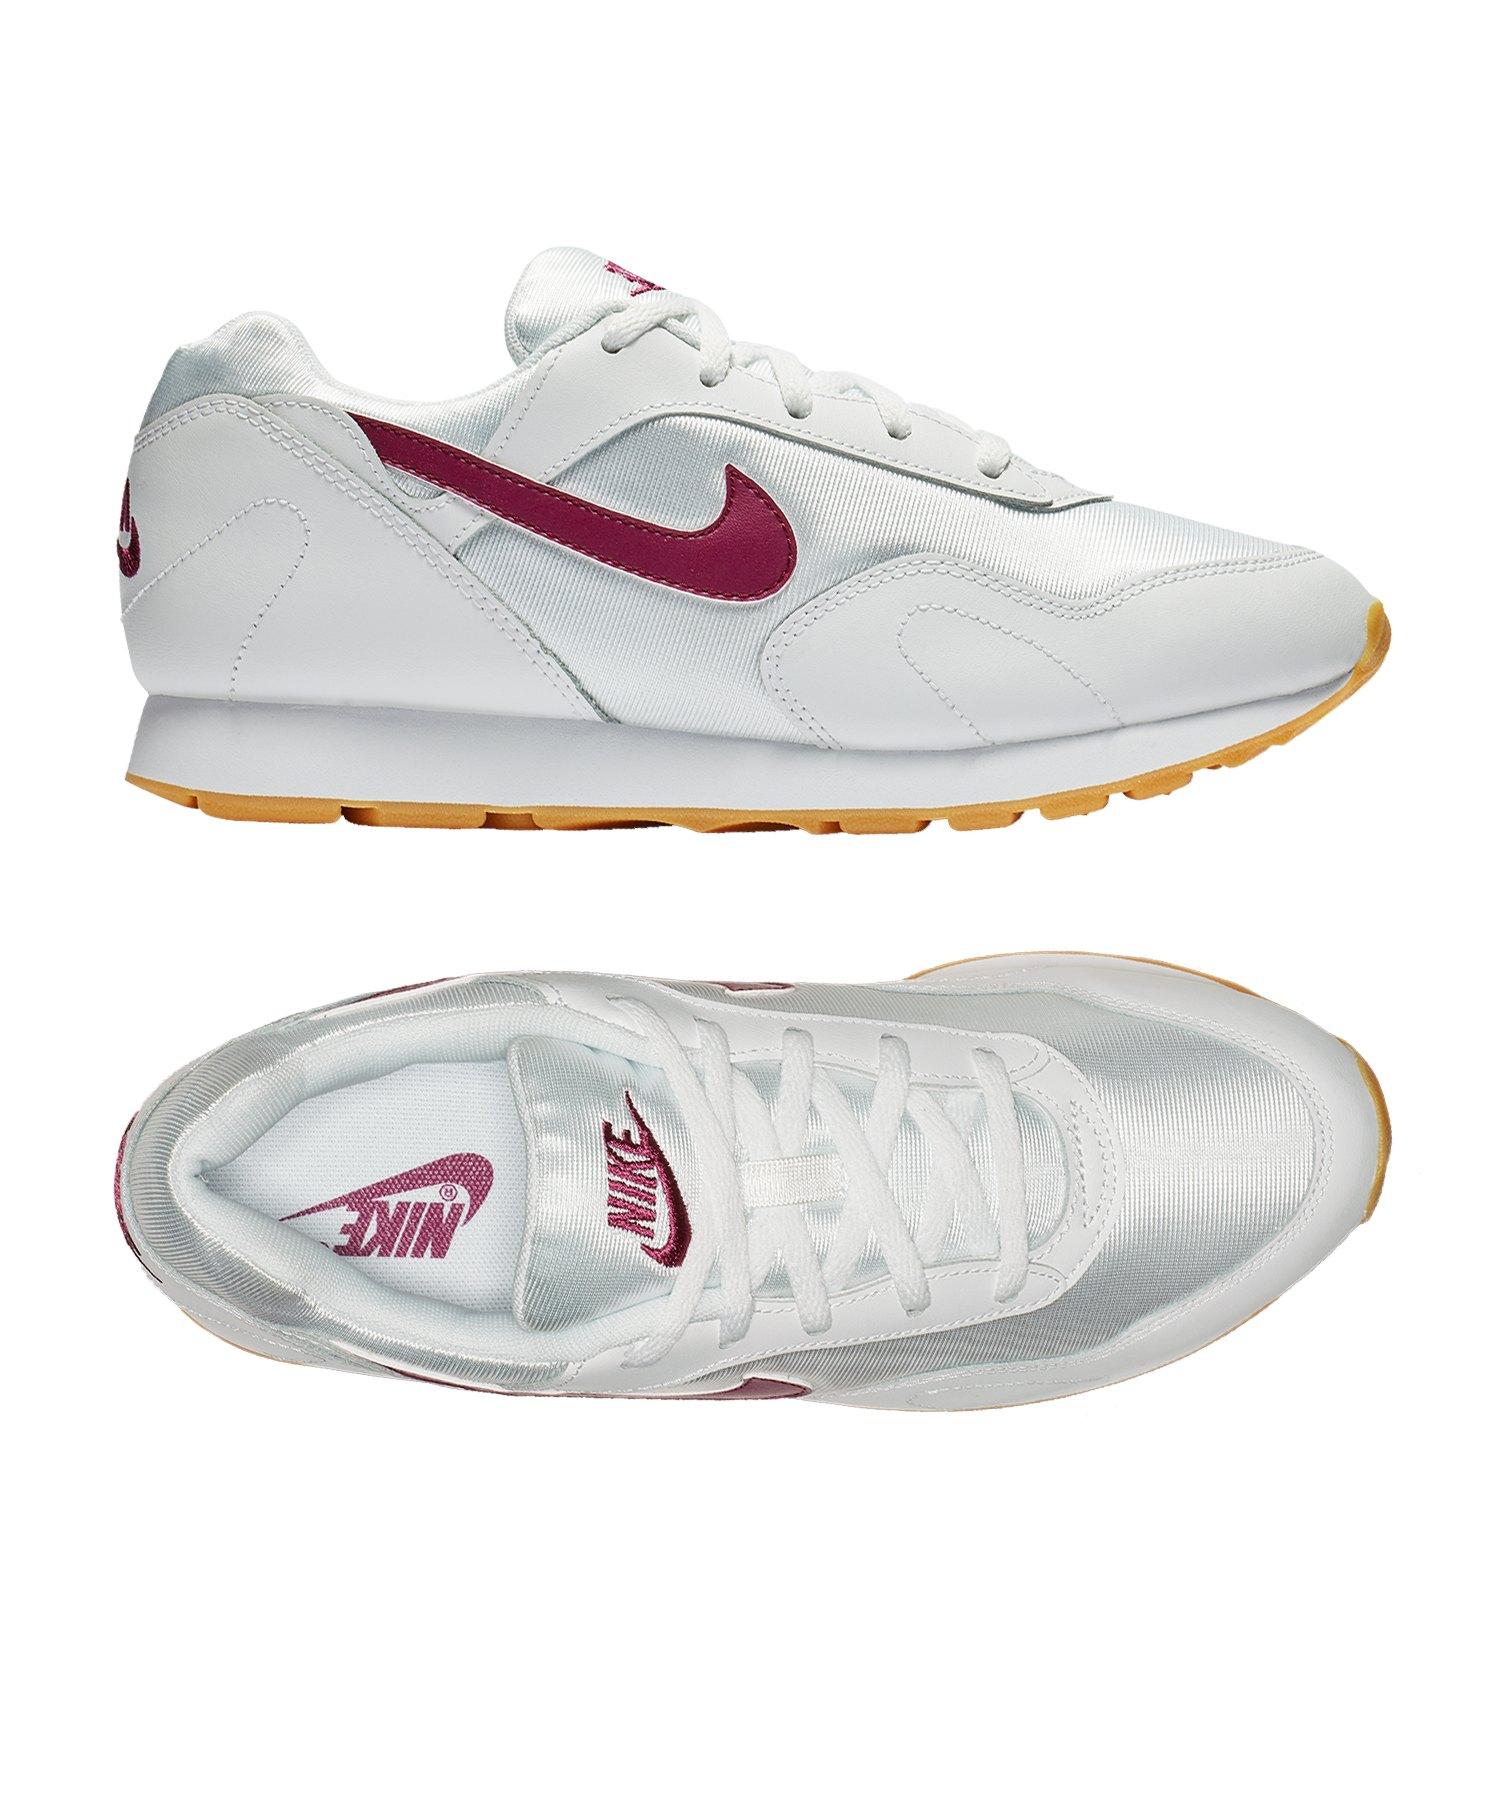 Nike Outburst Weiss Damen F112 Sneaker VqUSzMpG